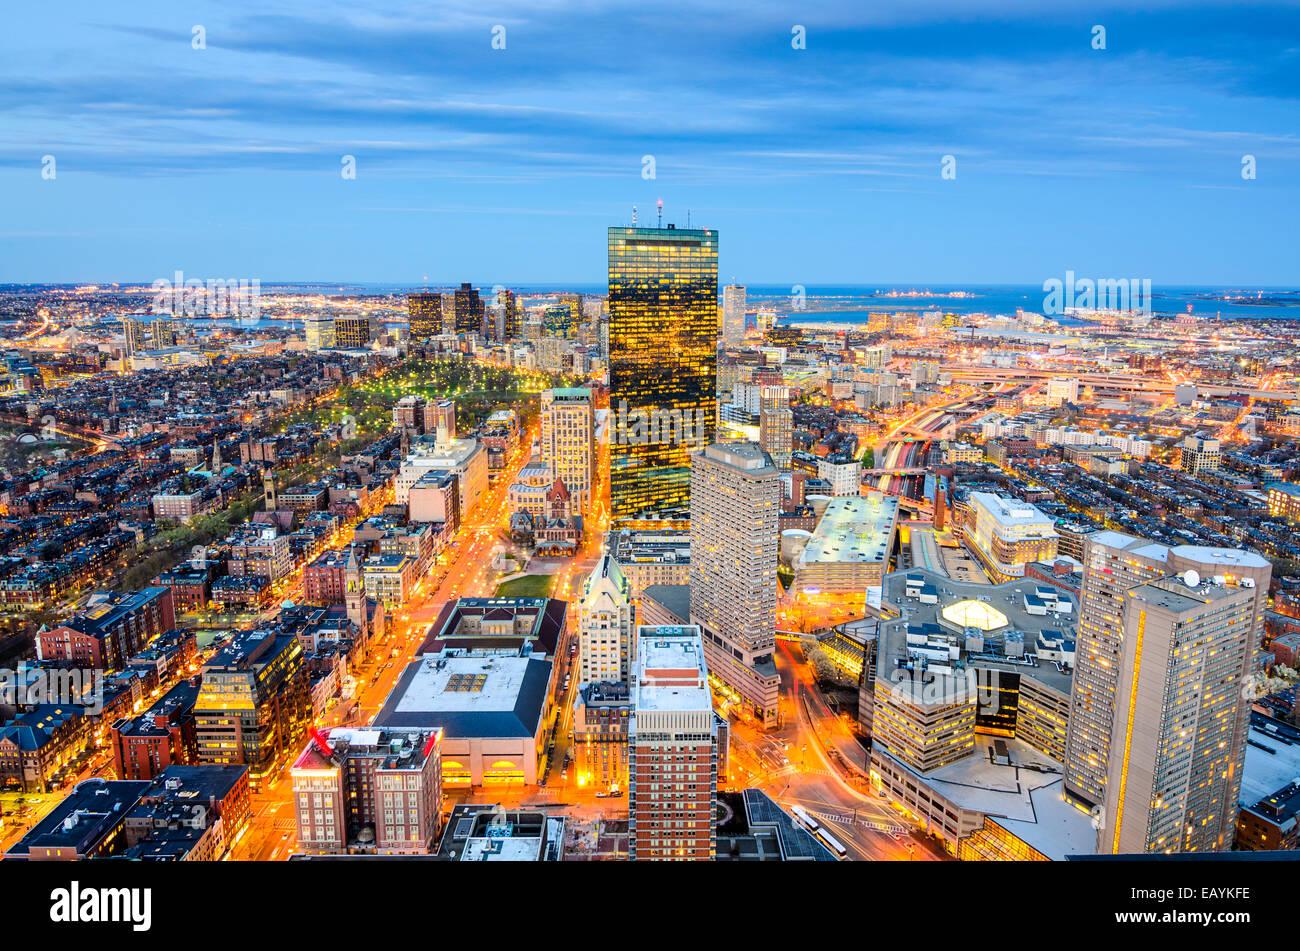 Boston, Massachusetts, EE.UU. Vista aérea del centro de la ciudad. Imagen De Stock